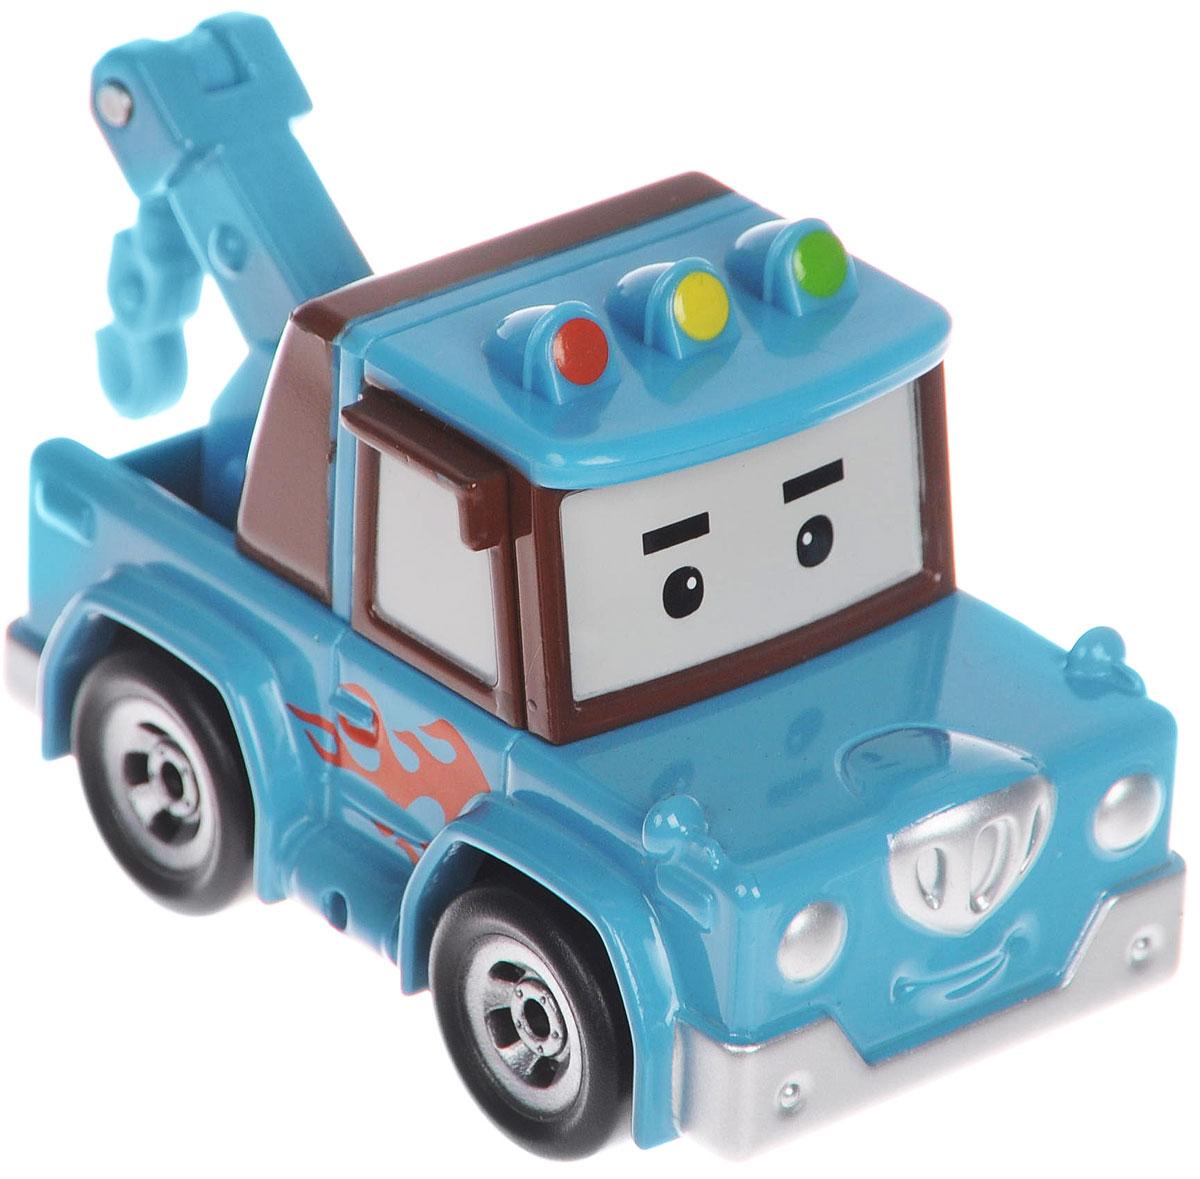 Robocar Poli Эвакуатор Спуки83166Яркая игрушка Poli Эвакуатор Спуки непременно понравится вашему малышу. Она выполнена из металла с элементами пластика в виде эвакуатора Спуки - персонажа популярного мультсериала Robocar Poli. Спуки оснащен поднимающимся элементов с крюком для буксировки машинок, а также колесиками со свободным ходом, позволяющими катать игрушку. Благодаря небольшому размеру ребенок сможет взять машинку с собой на прогулку, в поездку или в гости. Порадуйте своего малыша таким замечательным подарком!